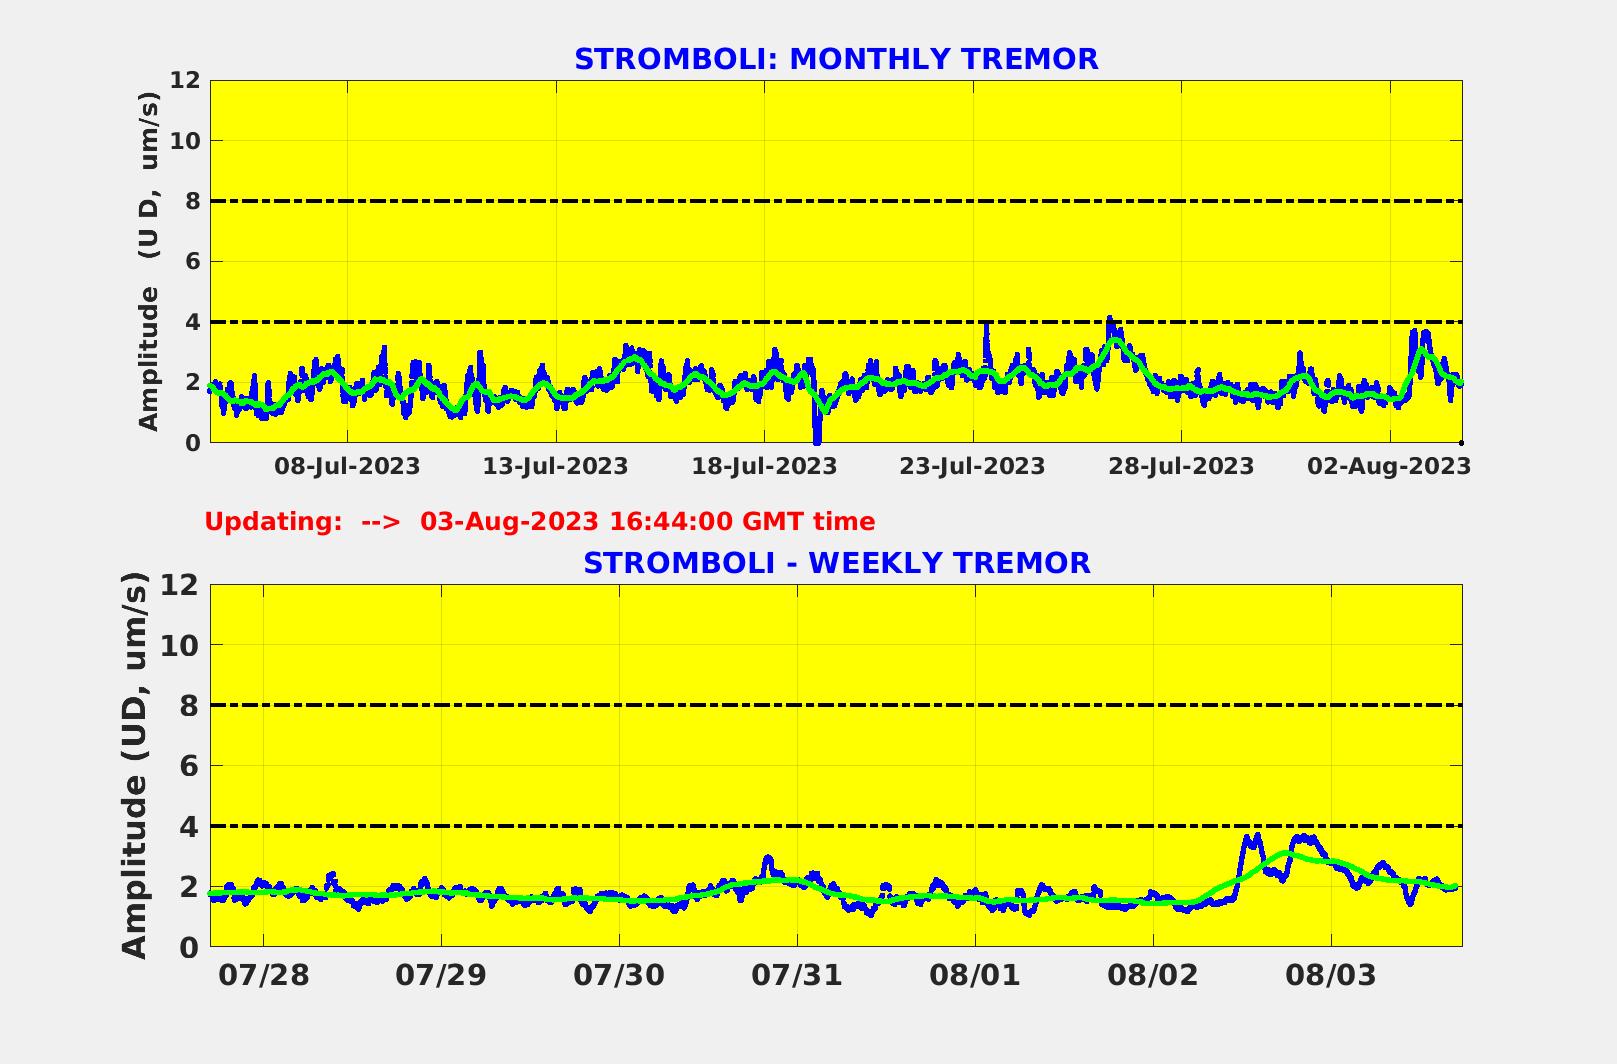 Zusammenfassung der Tremoramplitude am Stromboli über Monat und Woche (Quelle: LGS)